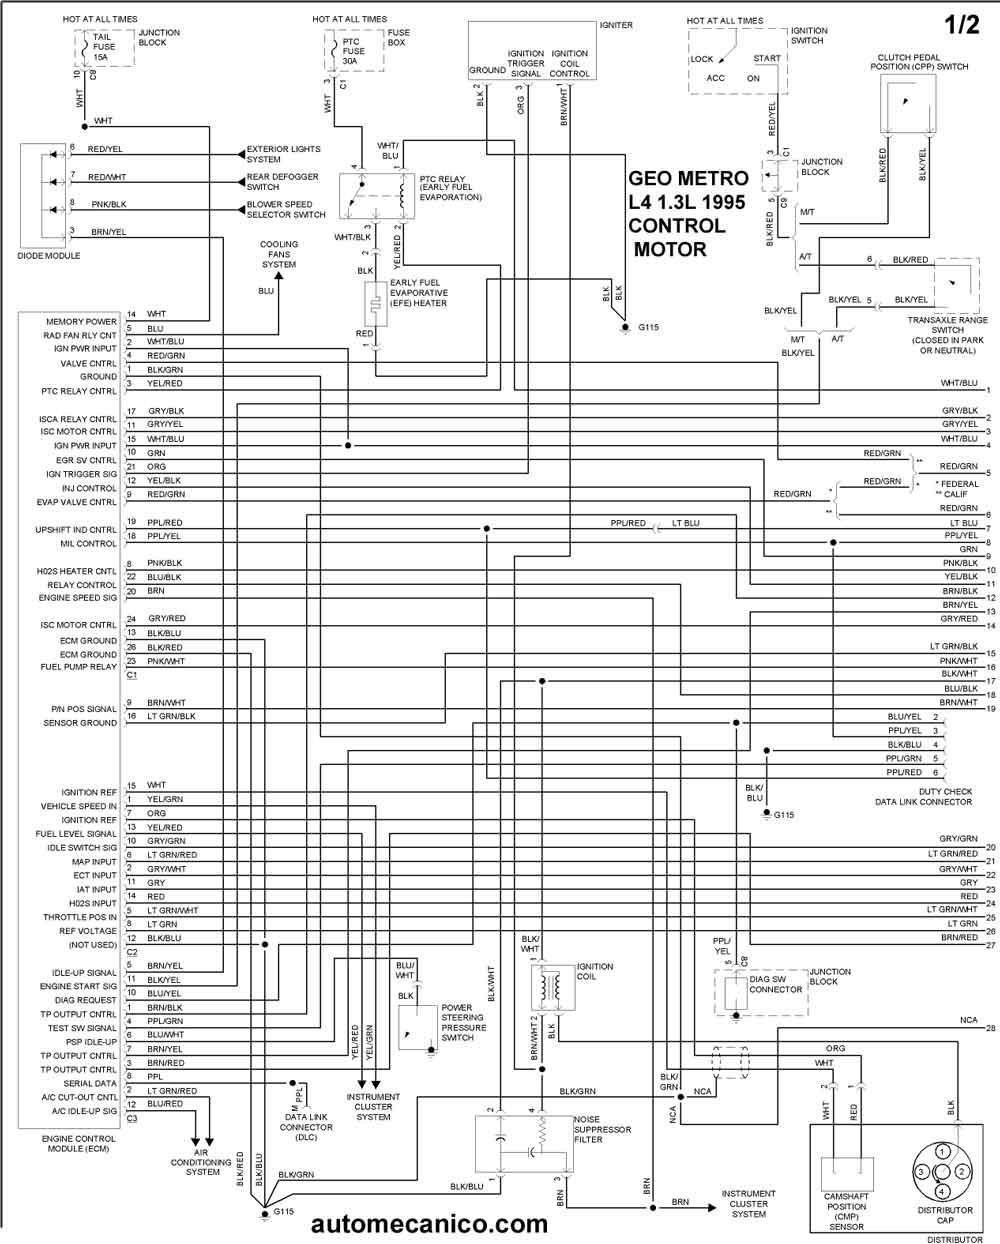 geo metro wiring diagram honeywell thermostat anleitung 1995 - diagramas control del motor graphics esquemas   vehiculos motores componentes ...